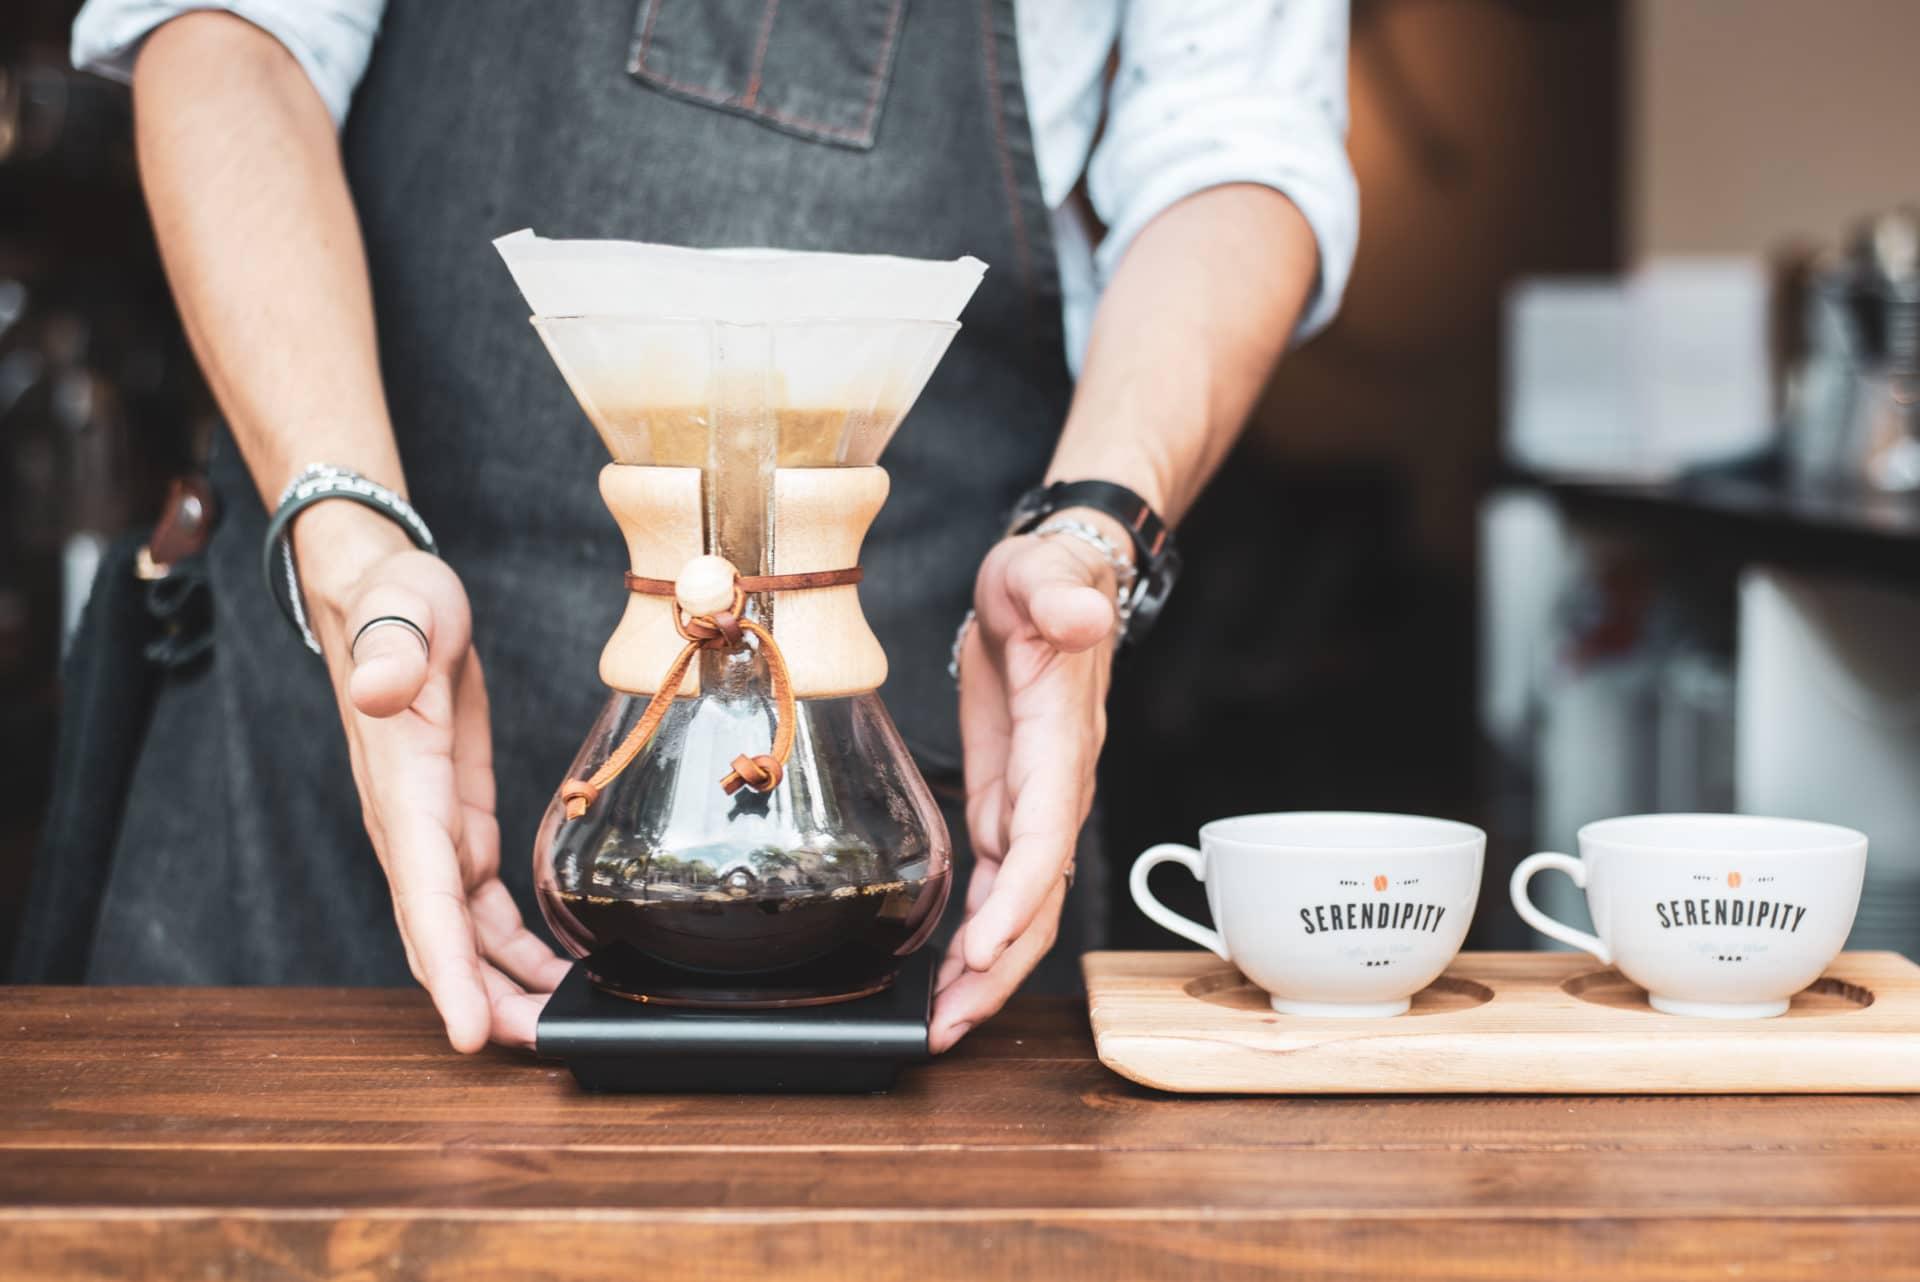 cafe de especialidad menu